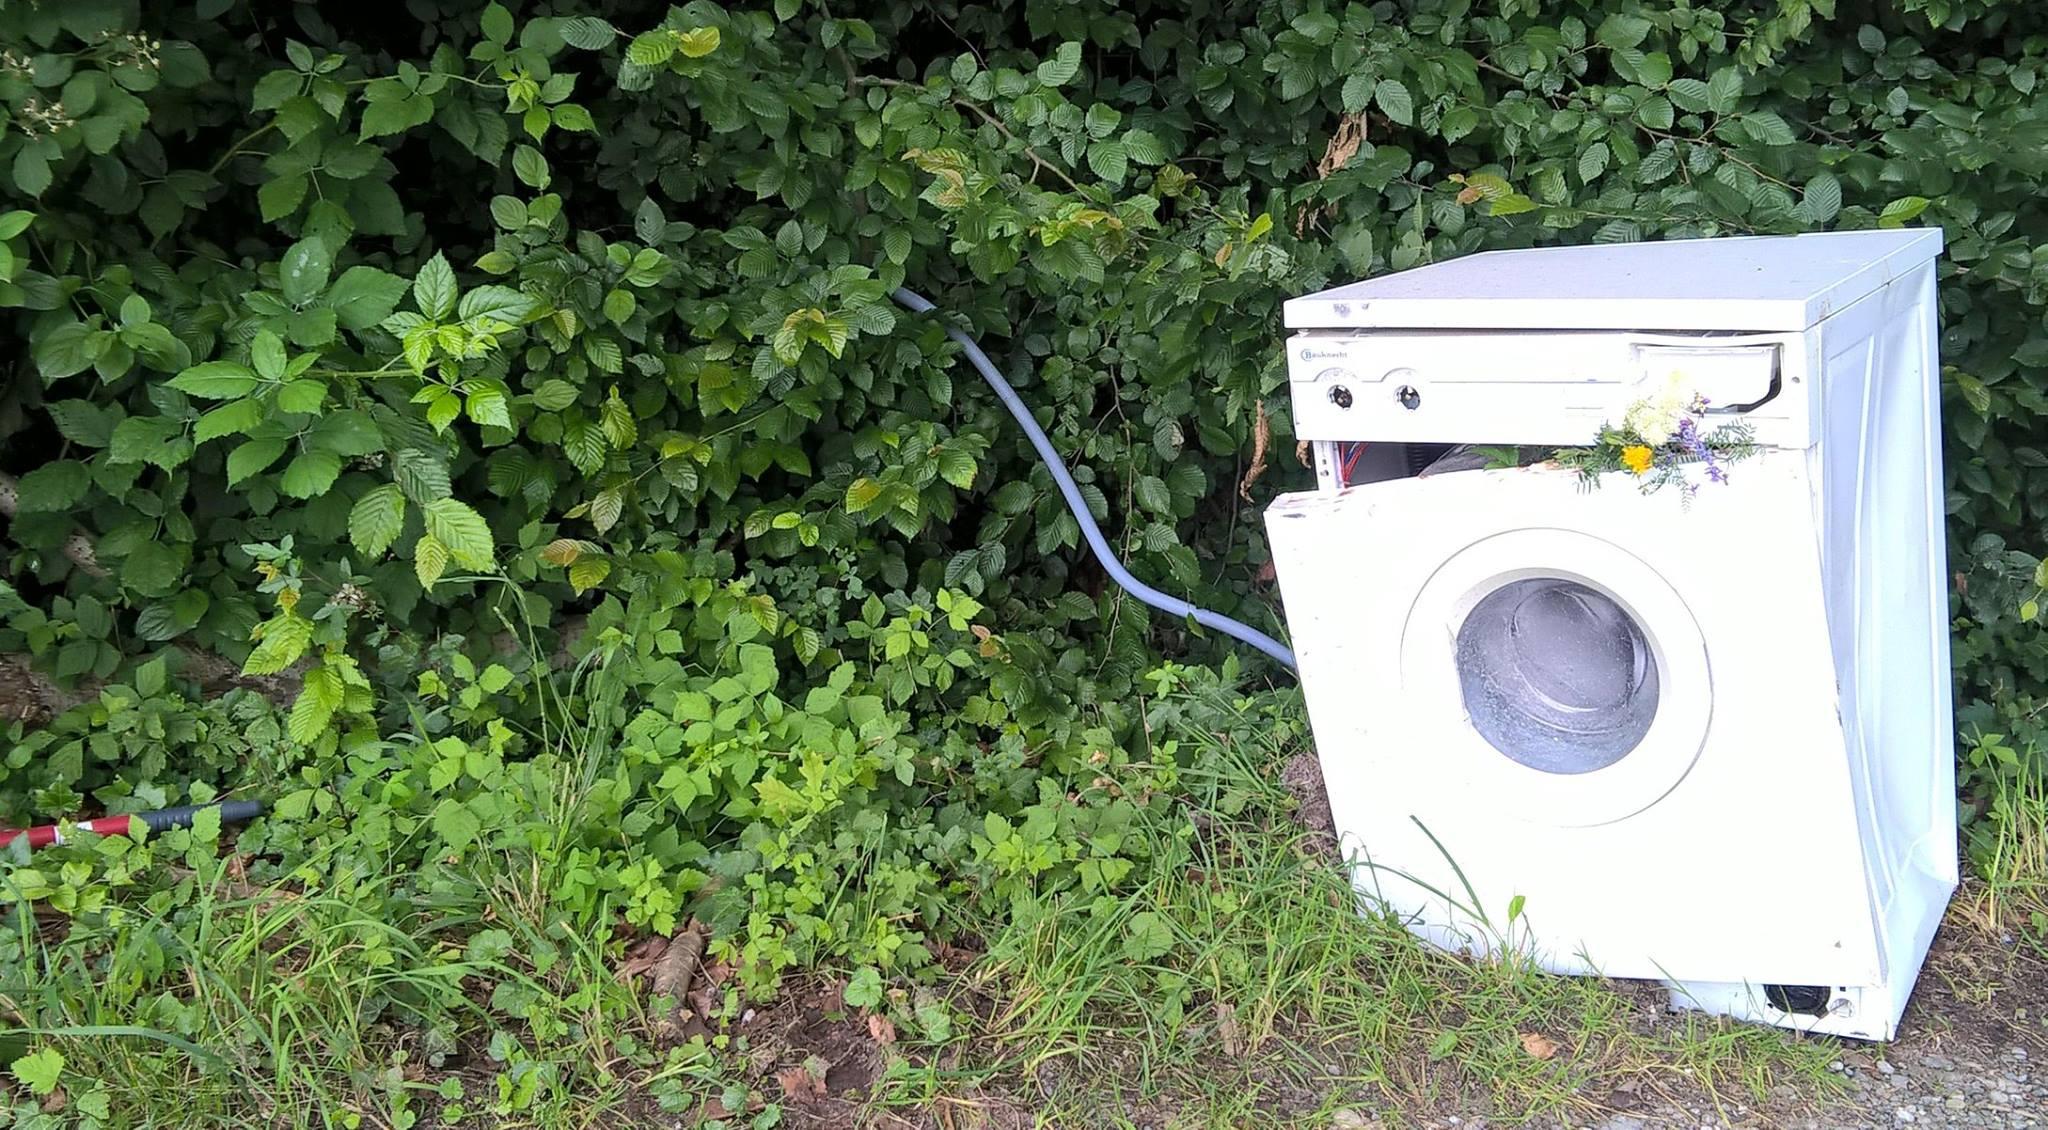 Am hellichten Tag geschändet: Meckie-Ariel, die traurige Waschmaschine von Meckenbeuren. PFUI!